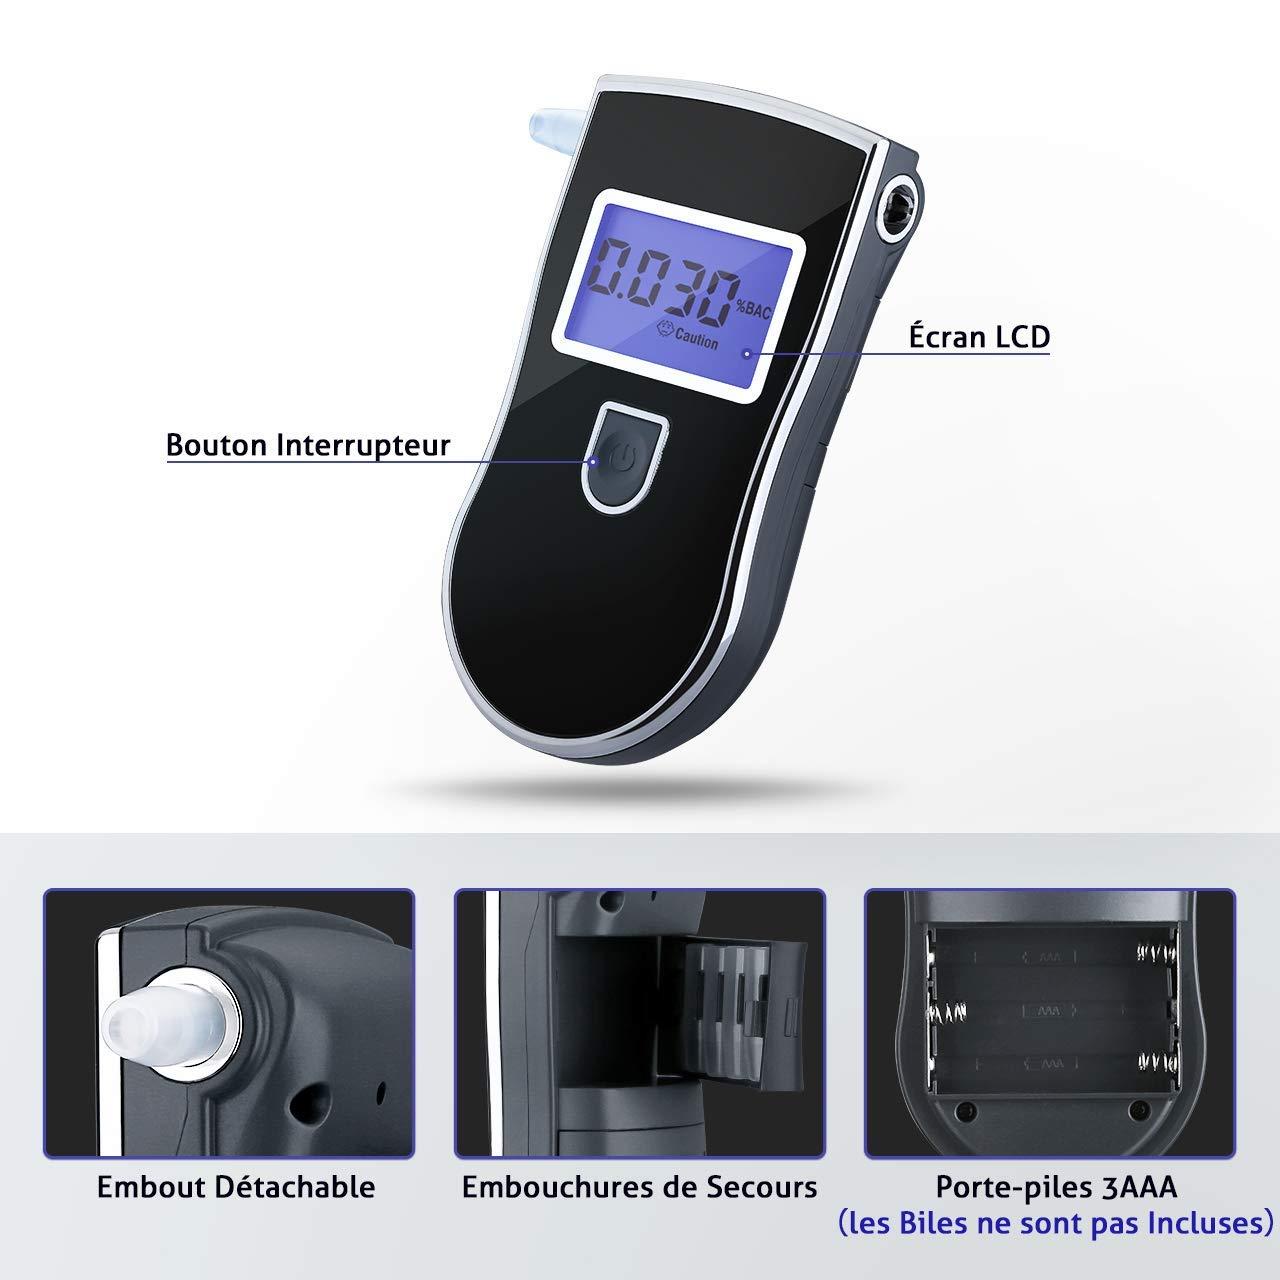 Ethylotest Homologu/é Affichage Pr/écise 3 Unit/és avec /Écran LCD Test Alcool/émie 5 Embouts Suppl/émentaires Vtin Ethylotest Electronique Haute Sensibilit/é